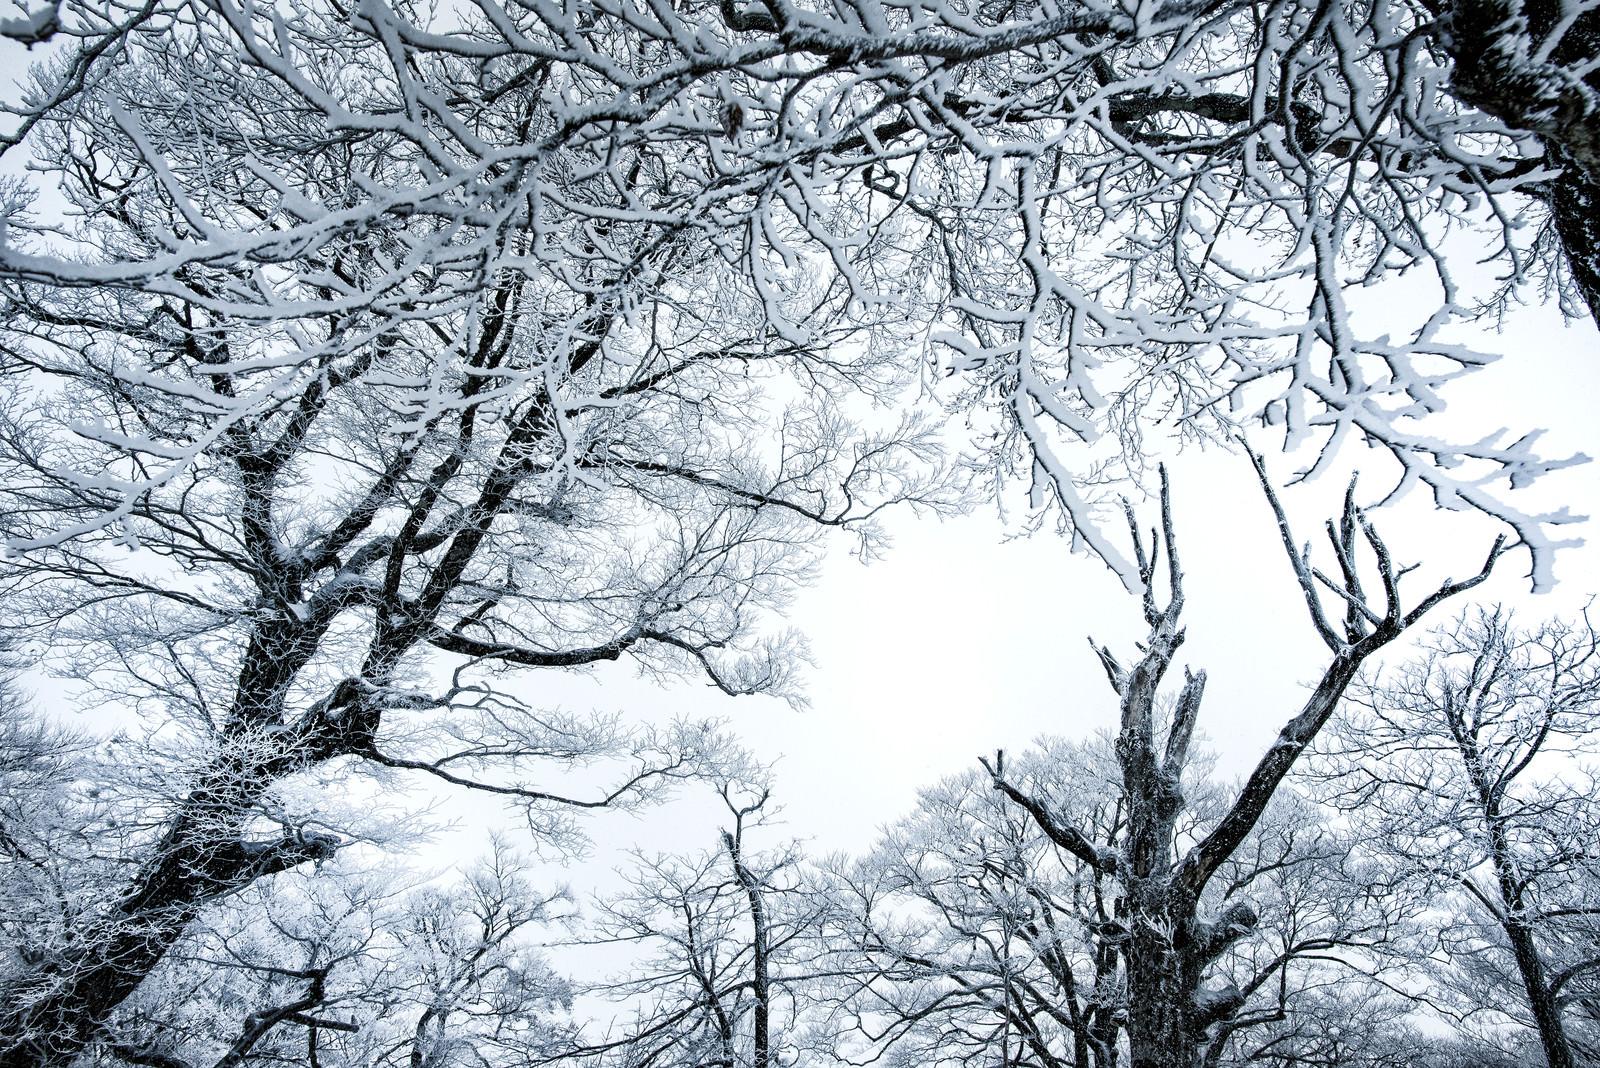 「降雪の森と積雪の木々」の写真